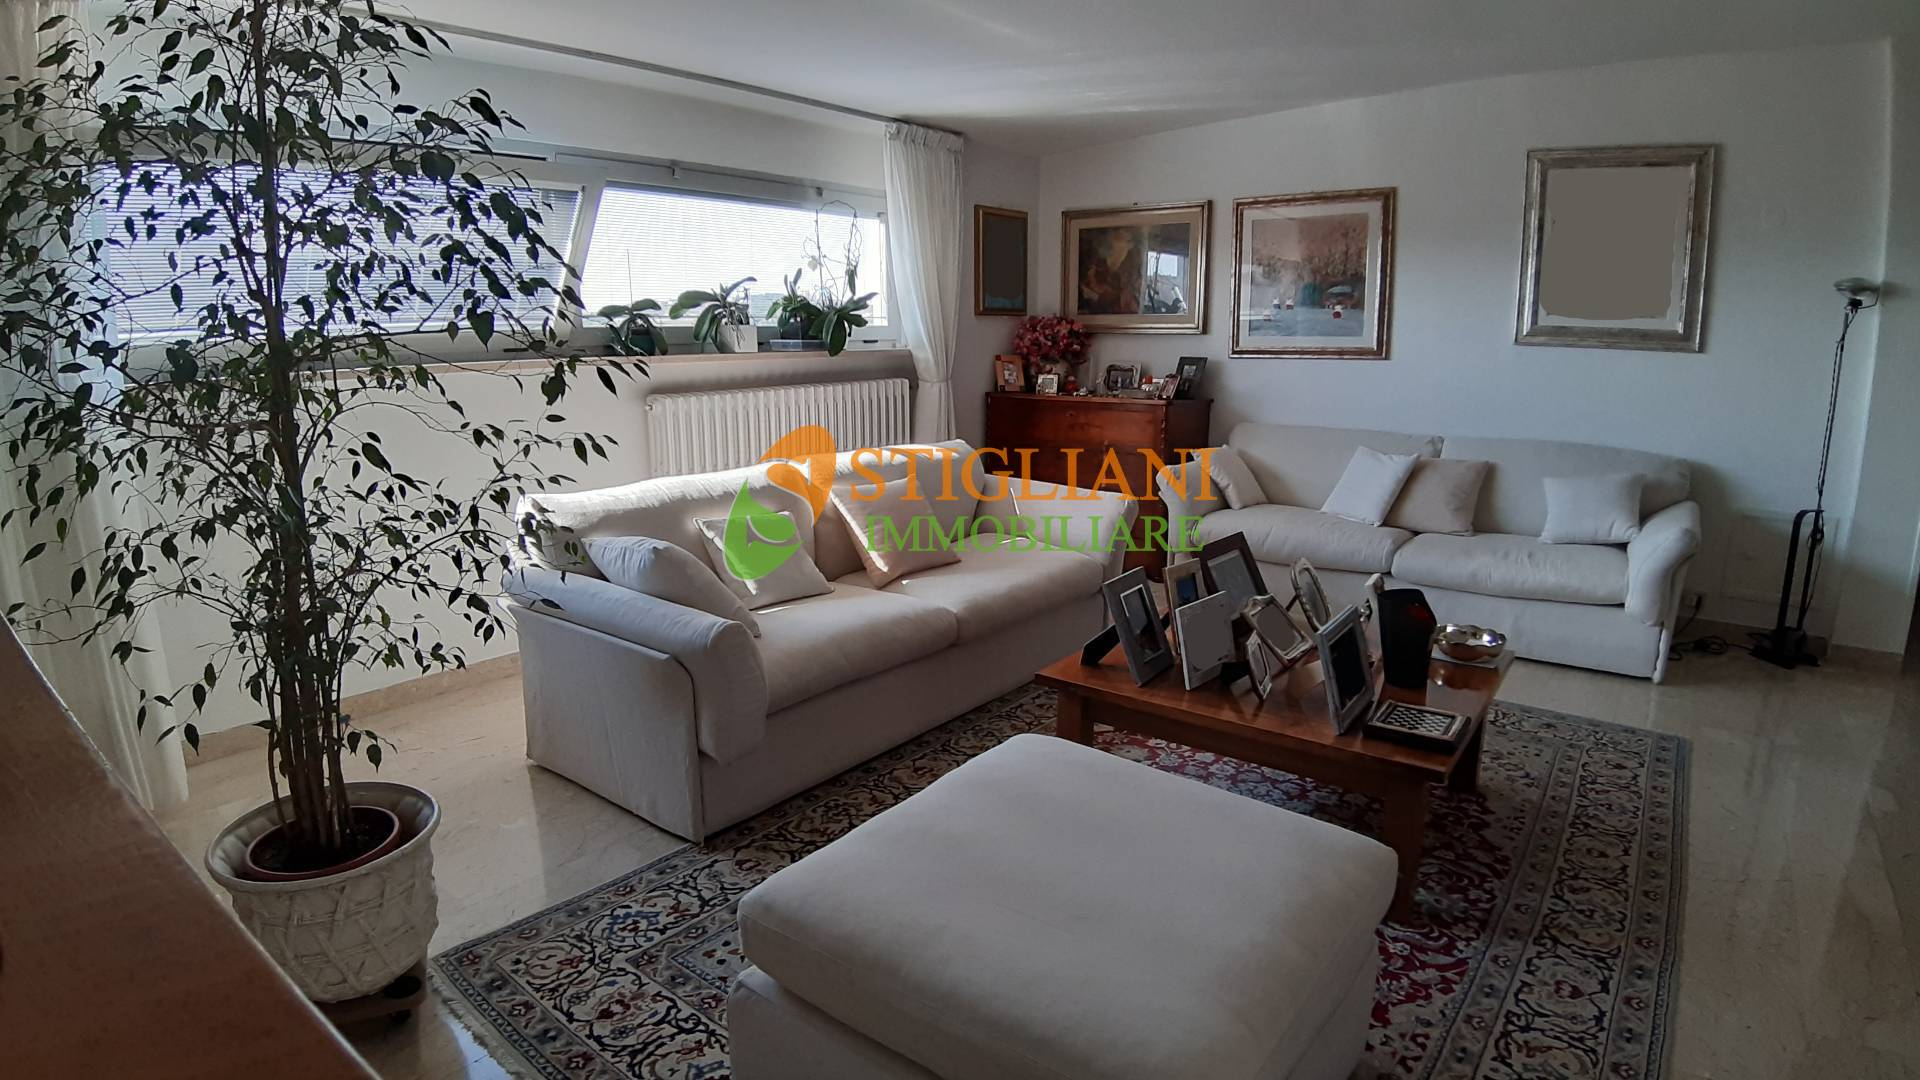 Appartamento in vendita a Campobasso, 7 locali, zona centro, prezzo € 119.000 | PortaleAgenzieImmobiliari.it